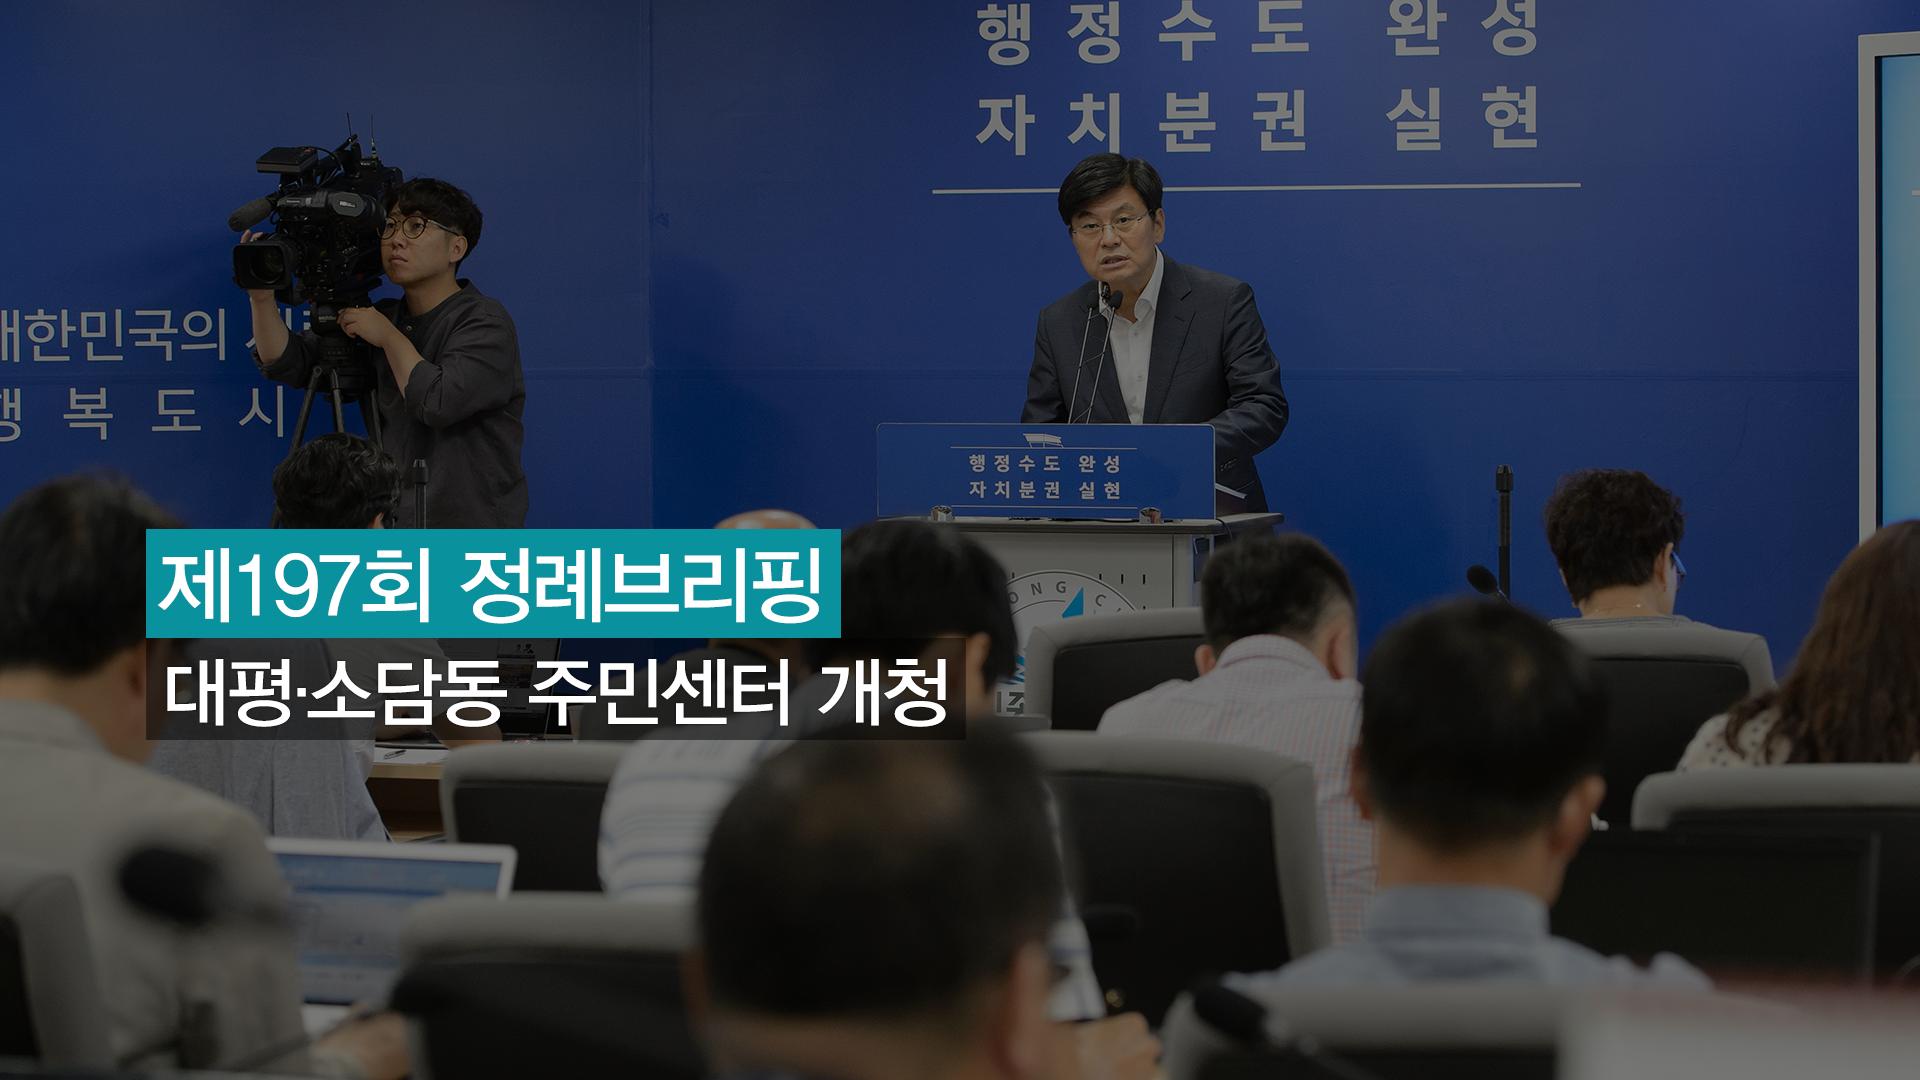 <197번째 정례브리핑> 대평·소담동 주민센터 개청